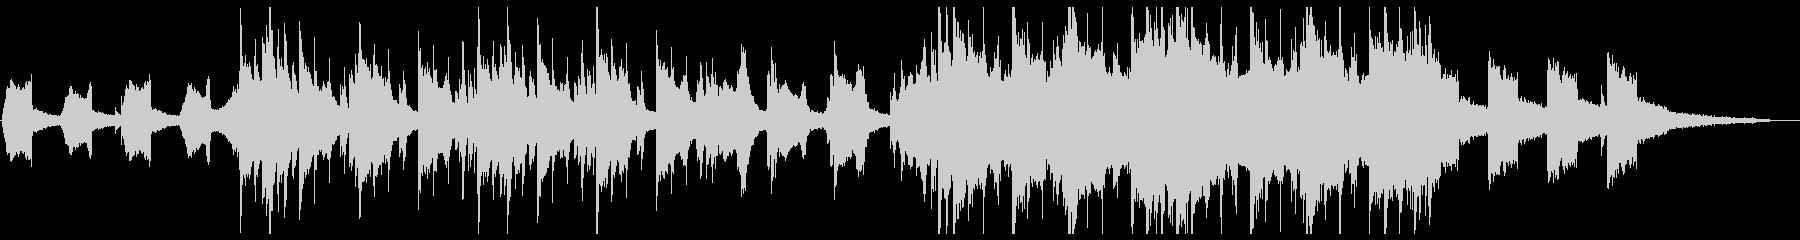 ピアノ中心の儚さのあるエレクトロの未再生の波形